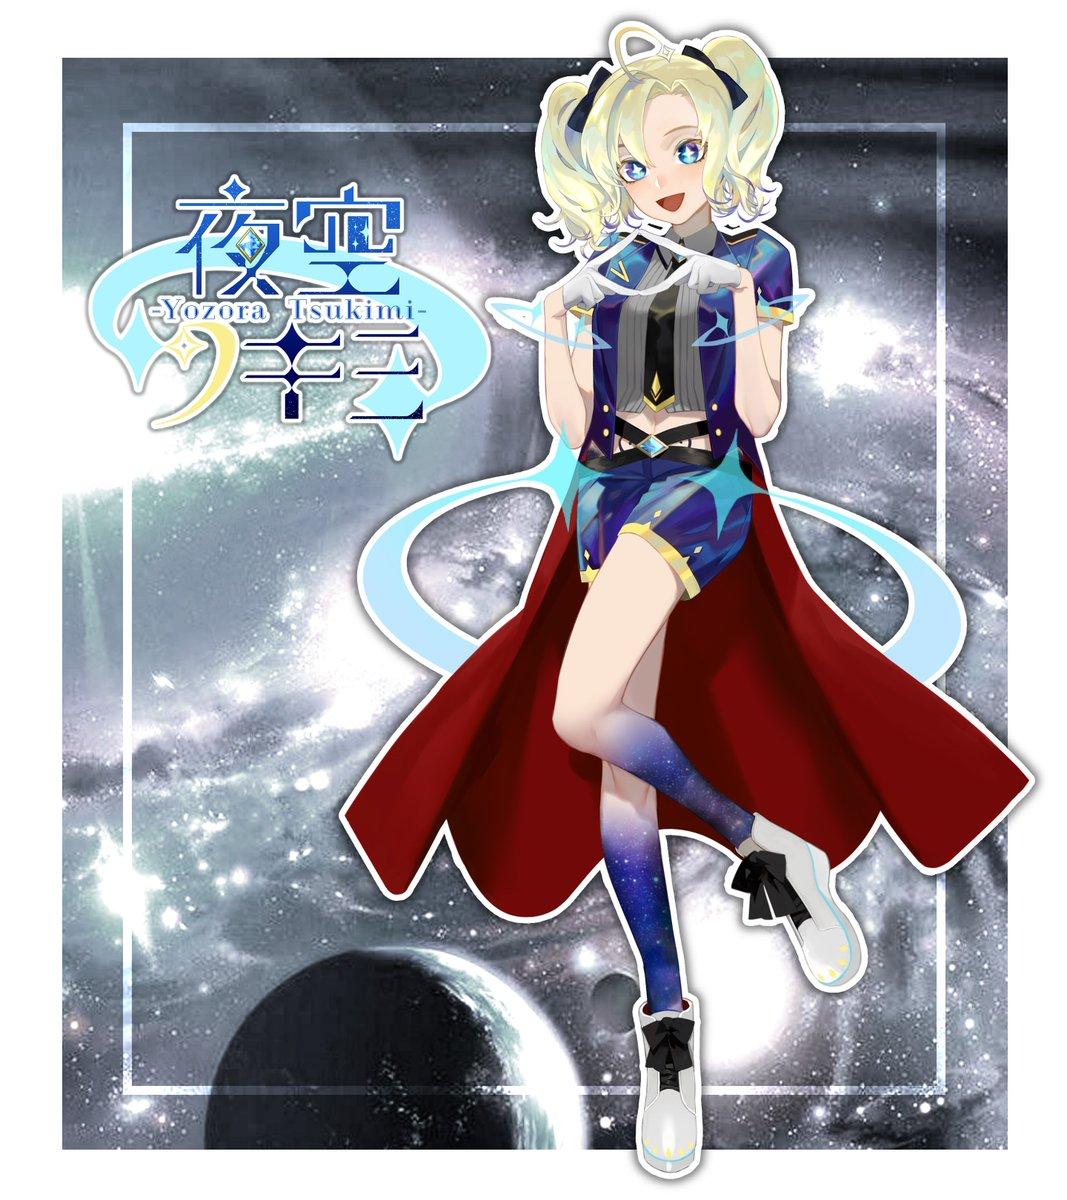 【✨✨新キービジュアル公開✨✨】―――月夜と、煌星の象徴。そんな感じマシマシになりました新立ち絵!!イラストご担当は うゆゆーん様(@uyuyuu_n)です!とにかく!!よく!!見て!!夜空ツキミを感じてほしい……🌌✧#Vキャラクター#Vtuber#Vチューバー